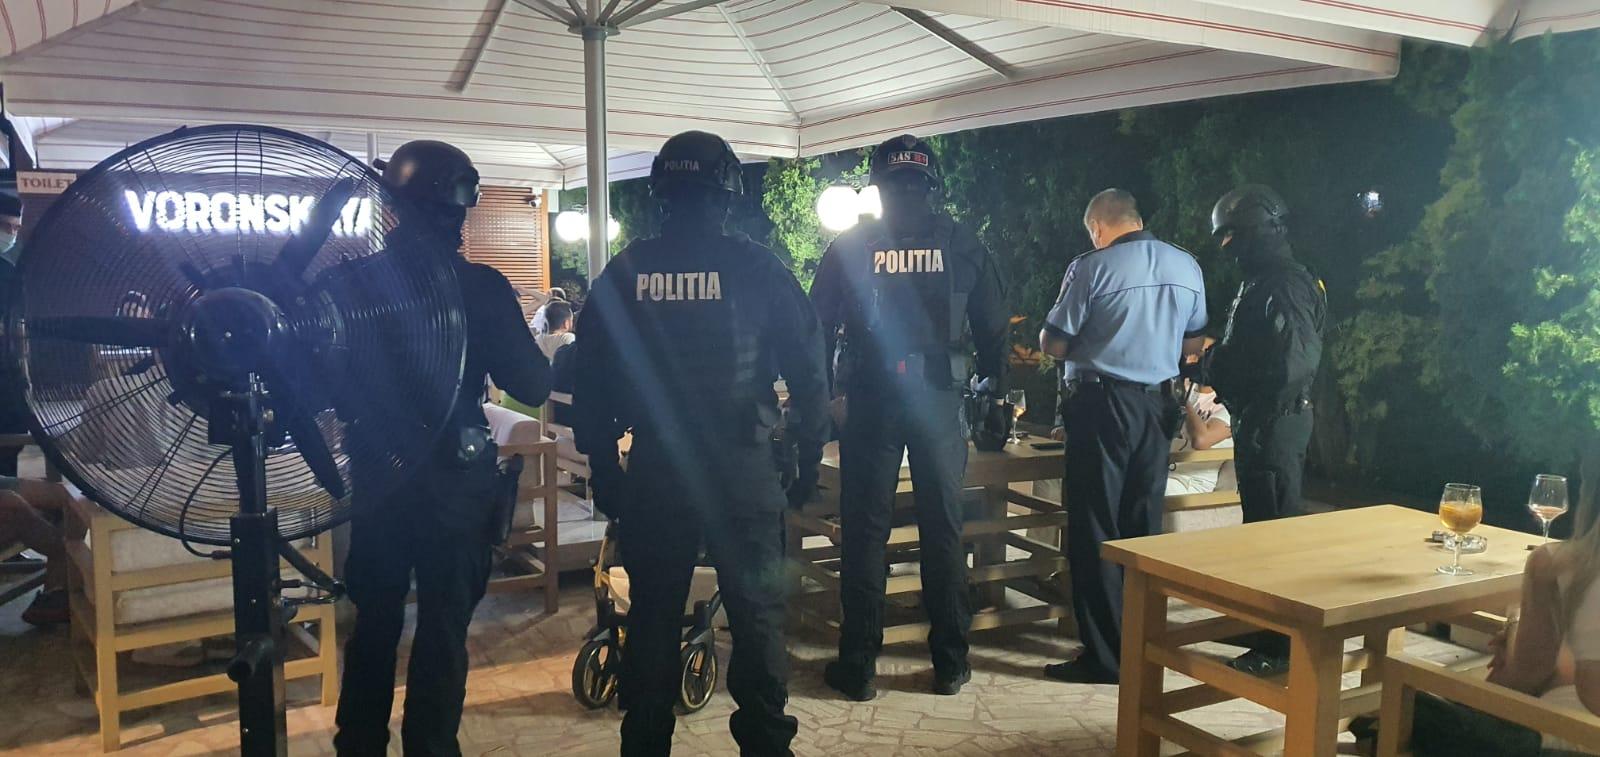 FOTO/  Razie cu zeci de polițiști pentru asigurarea unui climat corespunzător de ordine și siguranță publică